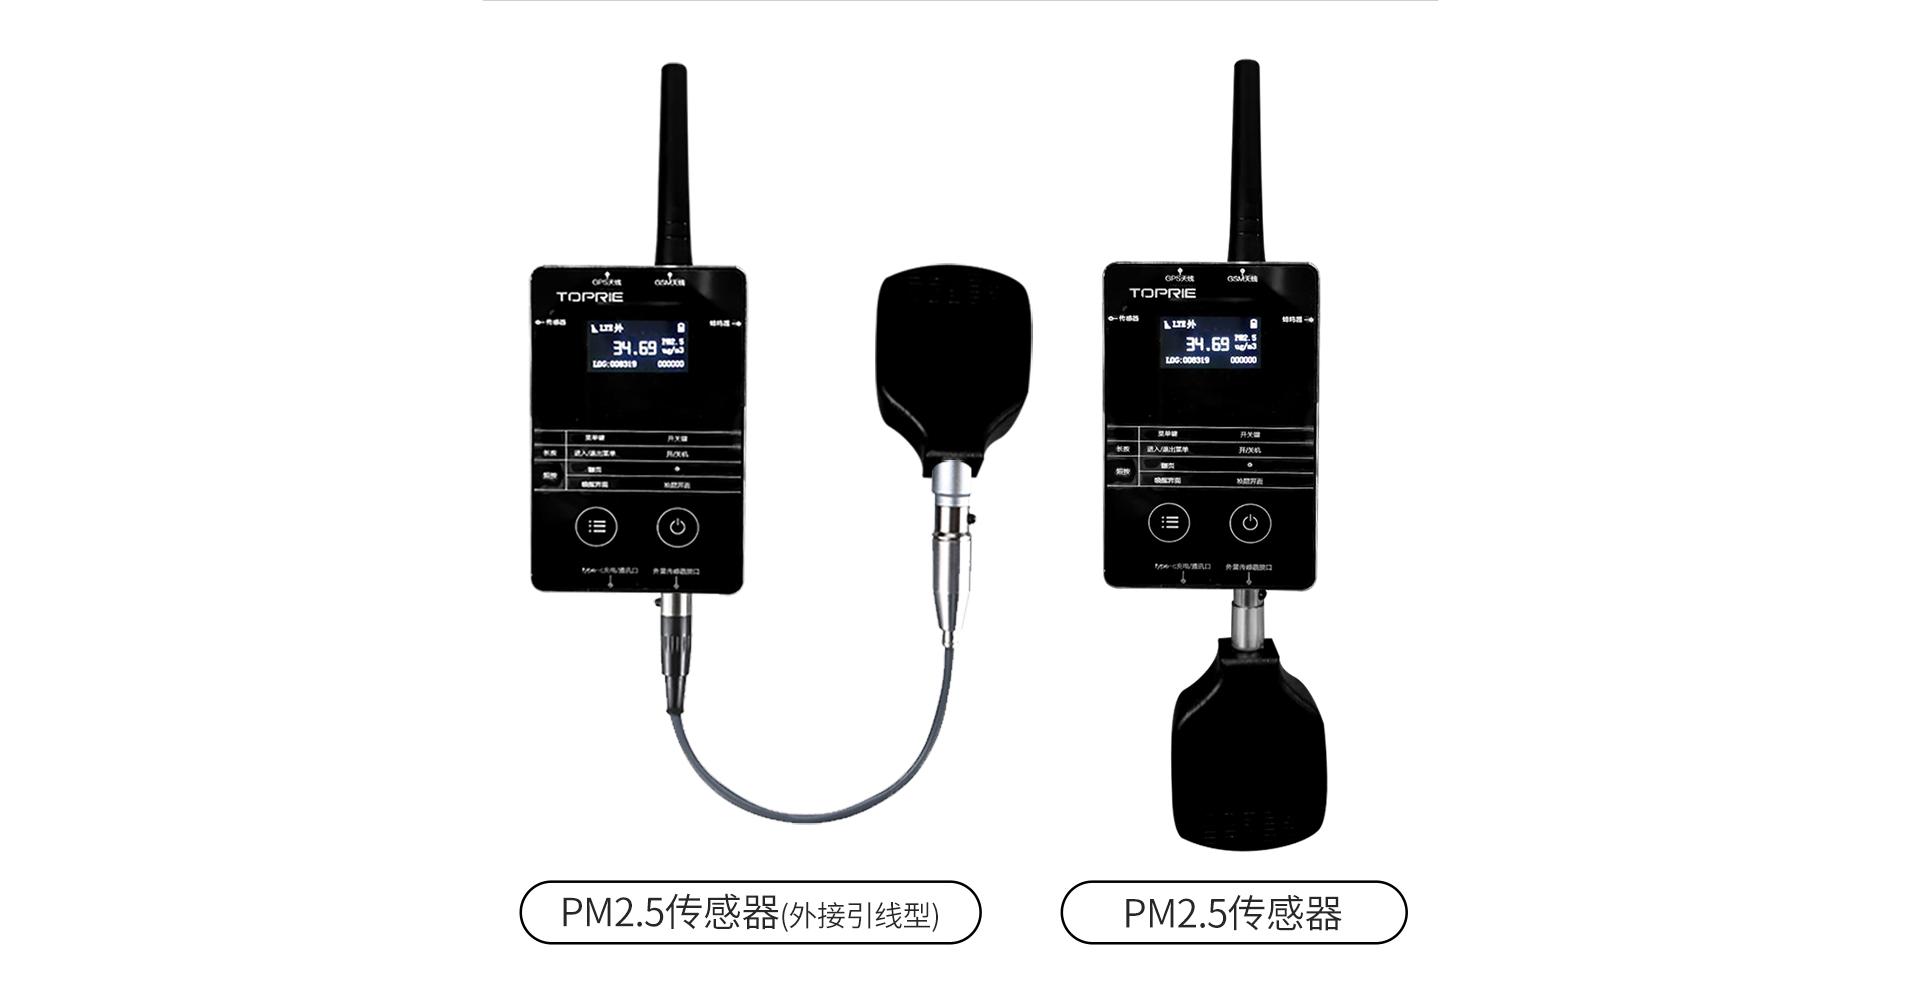 PM2.5无线智能检测手持仪